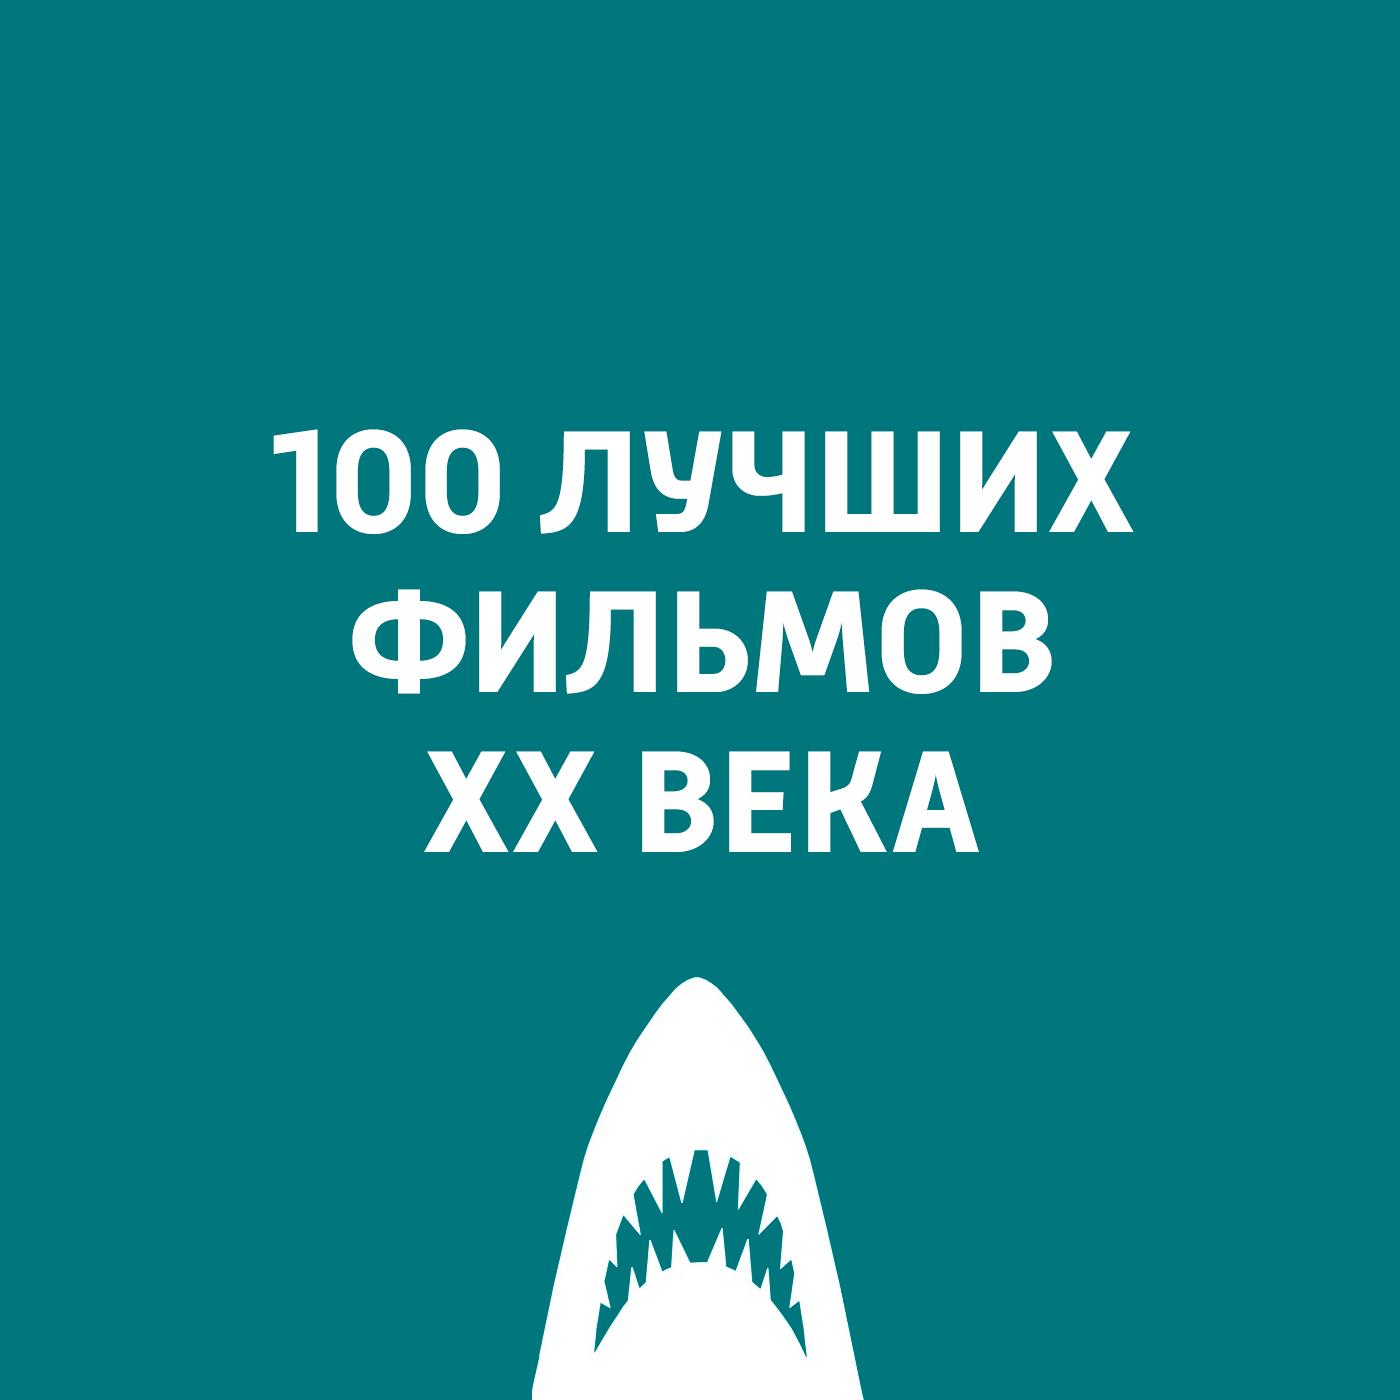 Антон Долин Форрест Гамп